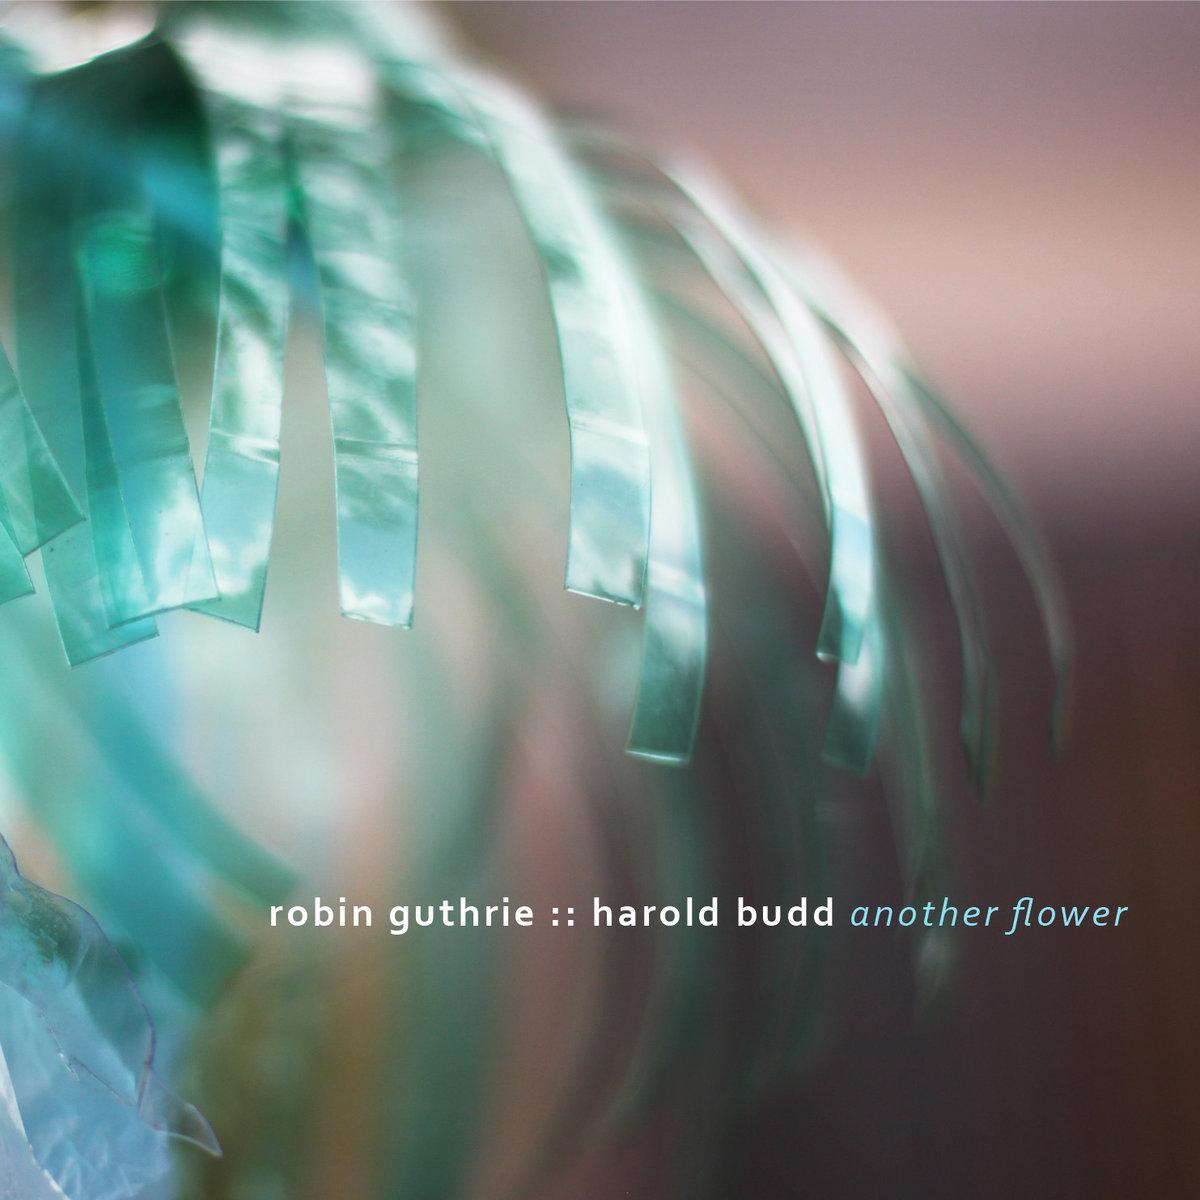 Another Flower | Robin Guthrie & Harold Budd | Robin Guthrie